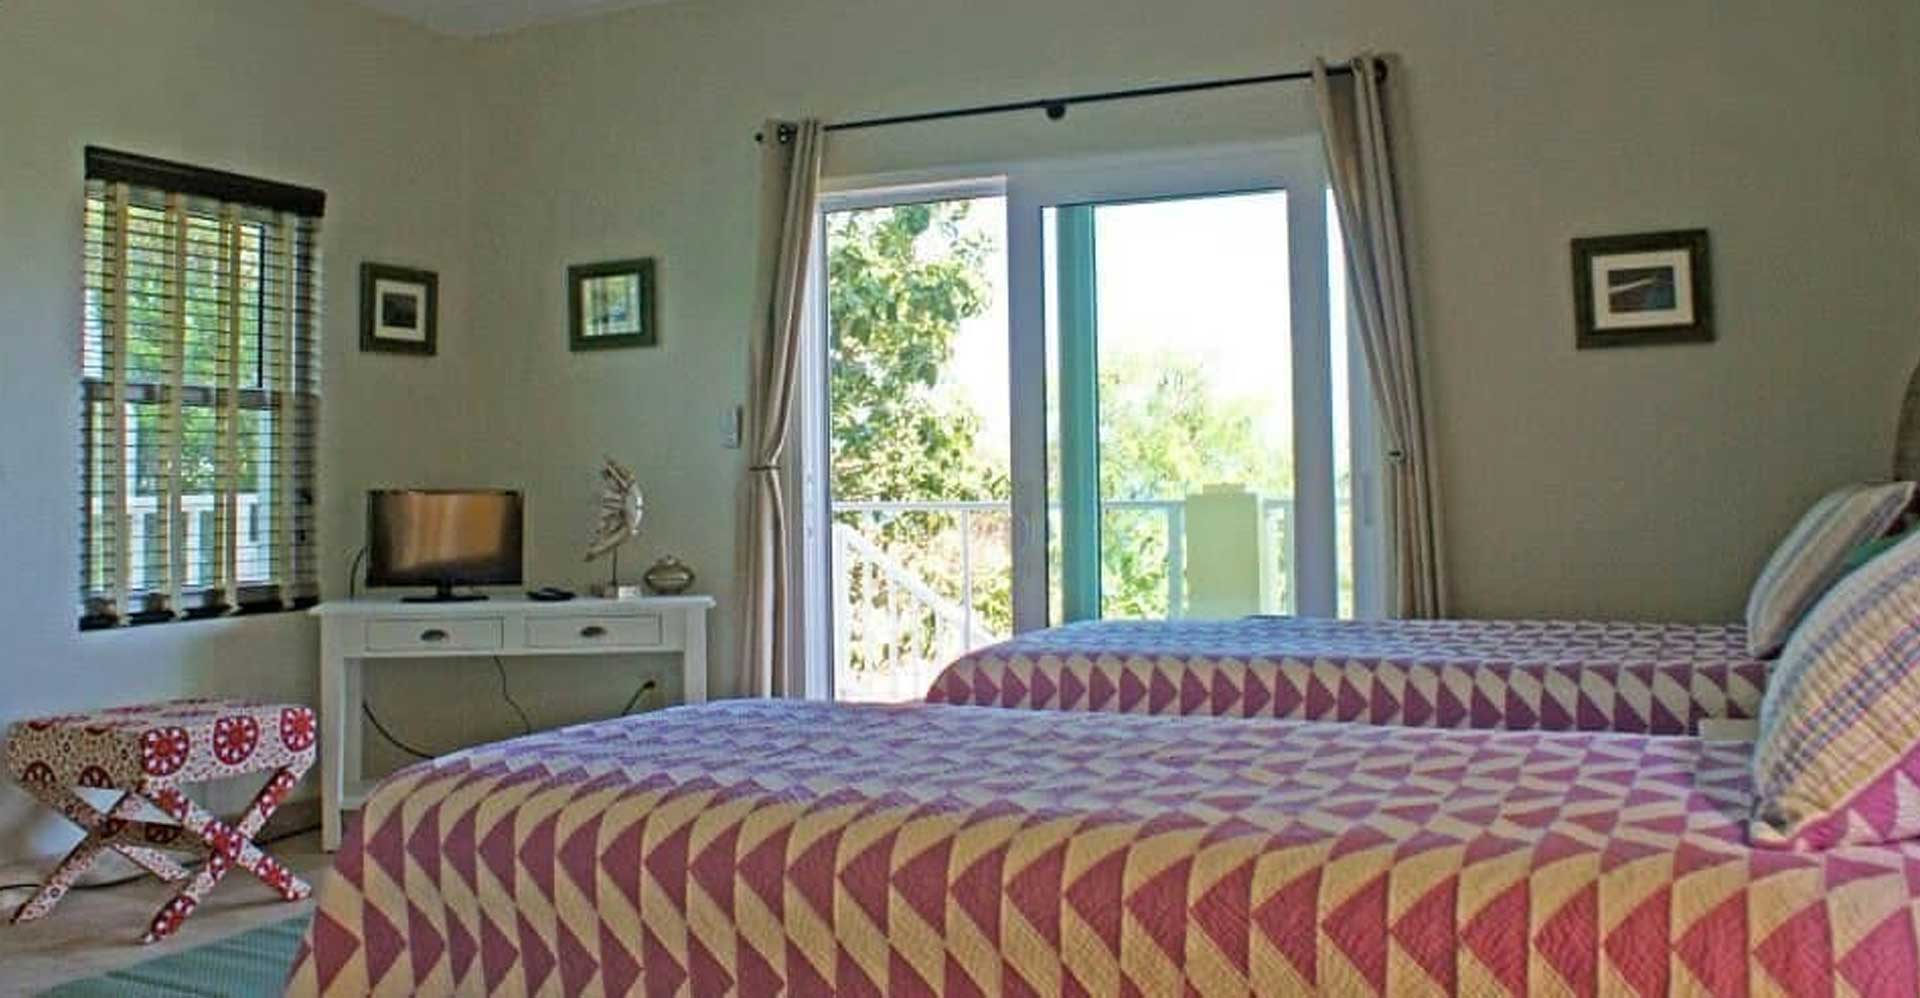 alice-by-the-sea-villa-bedroom-04